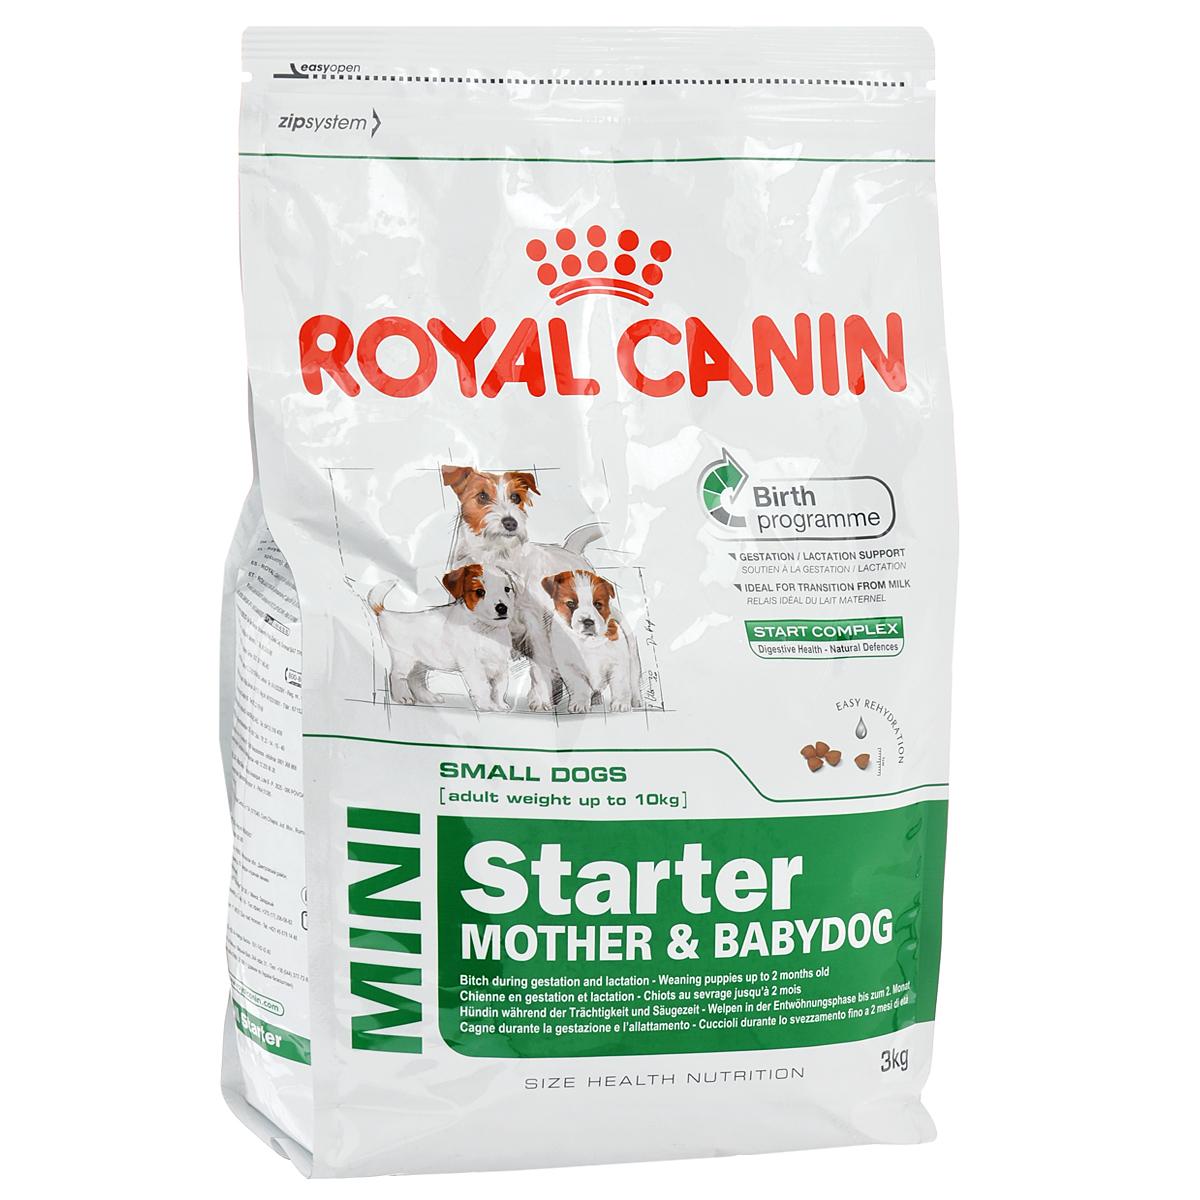 Корм сухой Royal Canin Mini Starter, для щенков и кормящих собак мелких пород, 3 кг8671Корм сухой Royal Canin Mini Starter - полнорационный корм для щенков в период отъема до 2-месячного возраста. Также подходит для сук в последней трети беременности и во время лактации. Основанная на данных профессиональных исследований, программа рождения - это уникальное диетологическое решение, которое удовлетворяет потребности суки и ее щенков на пяти этапах жизненного цикла: беременность, рождение, лактация, отъем и рост до 2 месяцев. Безопасность пищеварения - естественные механизмы защиты. Продукт современной науки от Royal Canin, START COMPLEX – это эксклюзивная комбинация питательных веществ, имеющихся в молоке матери, усиленная дополнительными веществами, которые активно способствуют безопасности пищеварения и укрепляют естественный иммунитет щенков. Поддержка во время беременности/лактации. Диетологическое решение, адаптированное к высоким потребностям суки в конце периода беременности и во время лактации. Идеальный продукт для...